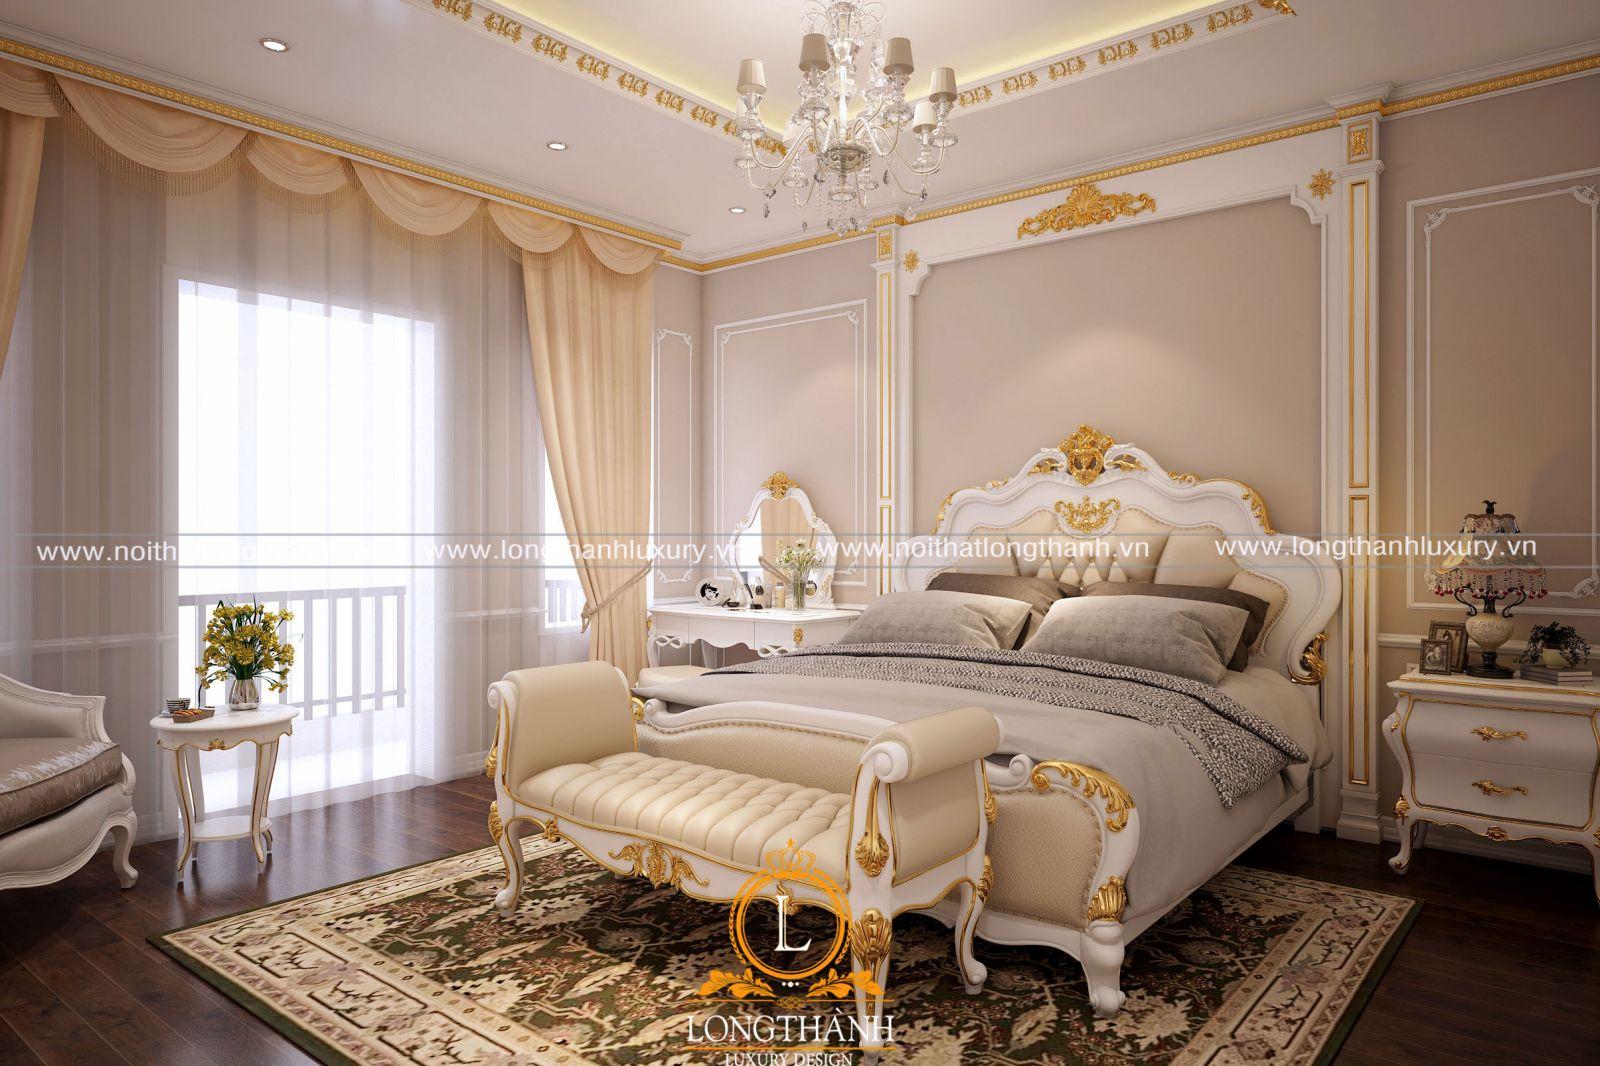 Phòng ngủ cao cấp cho biệt thự mang phong cách tân cổ điển sang trọng